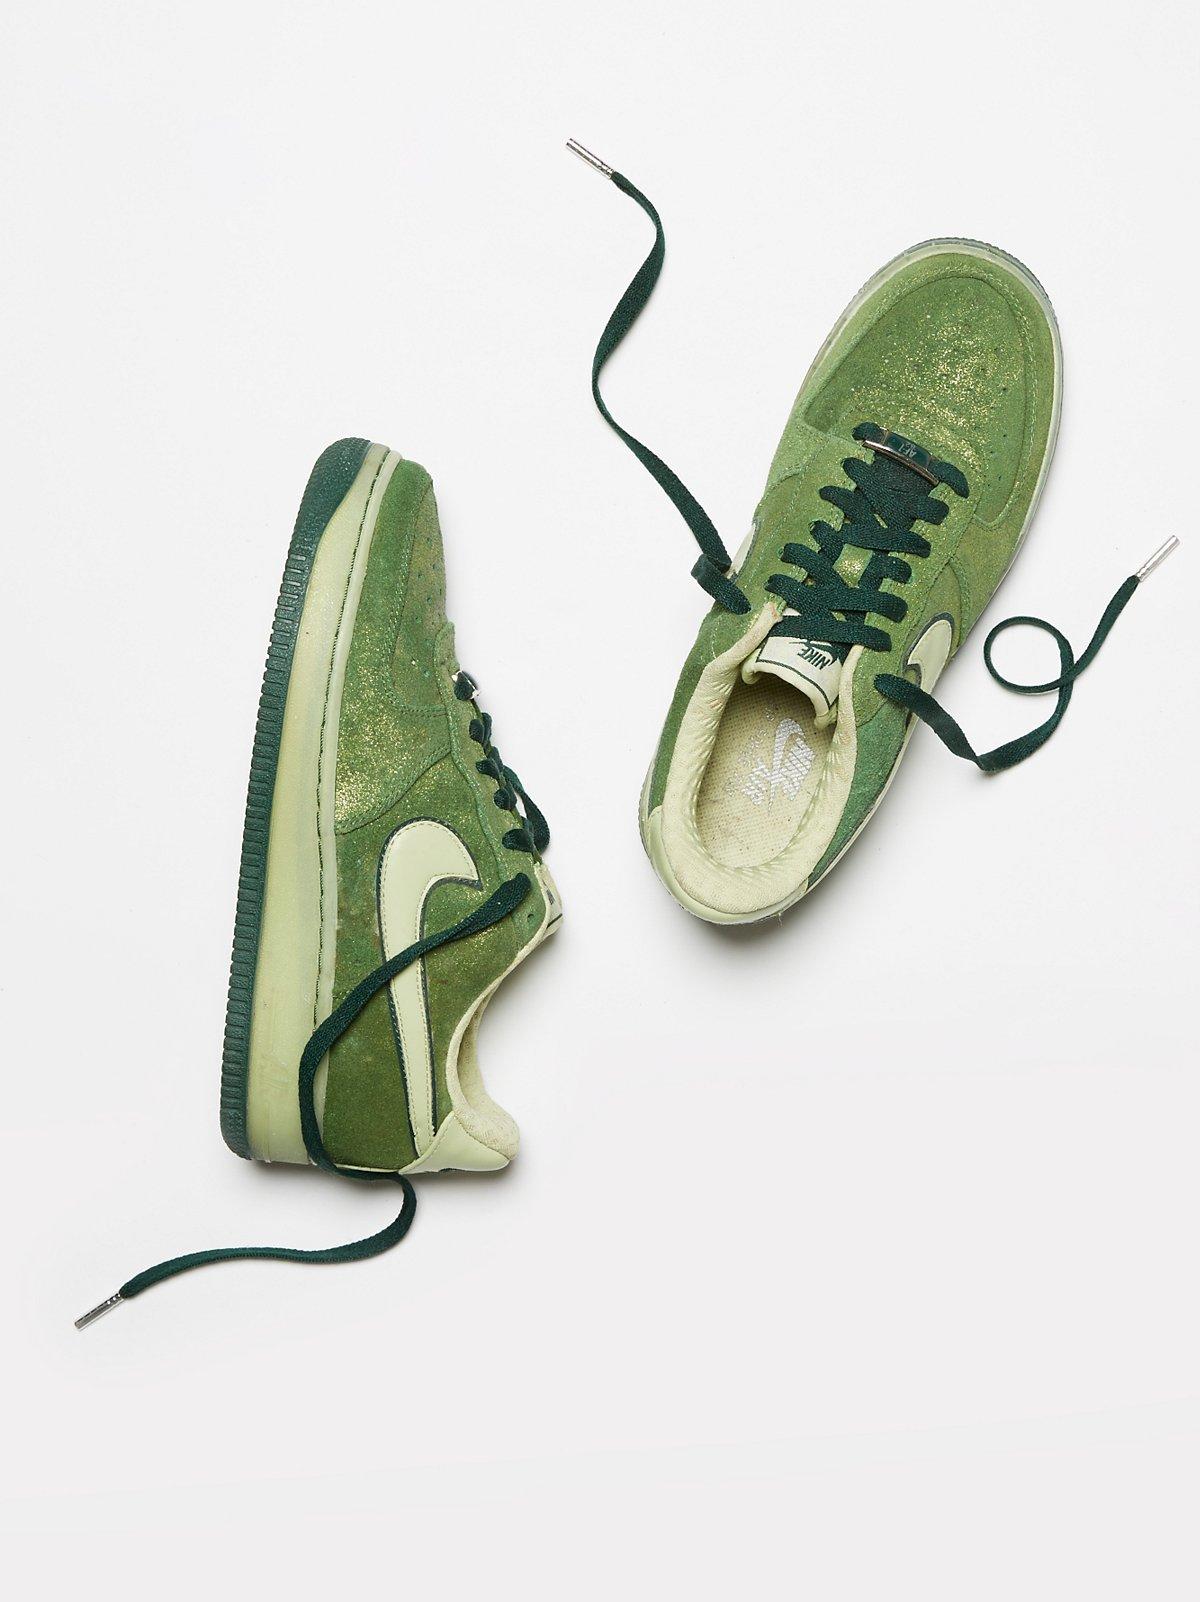 Vintage 1980s Nike Sneakers